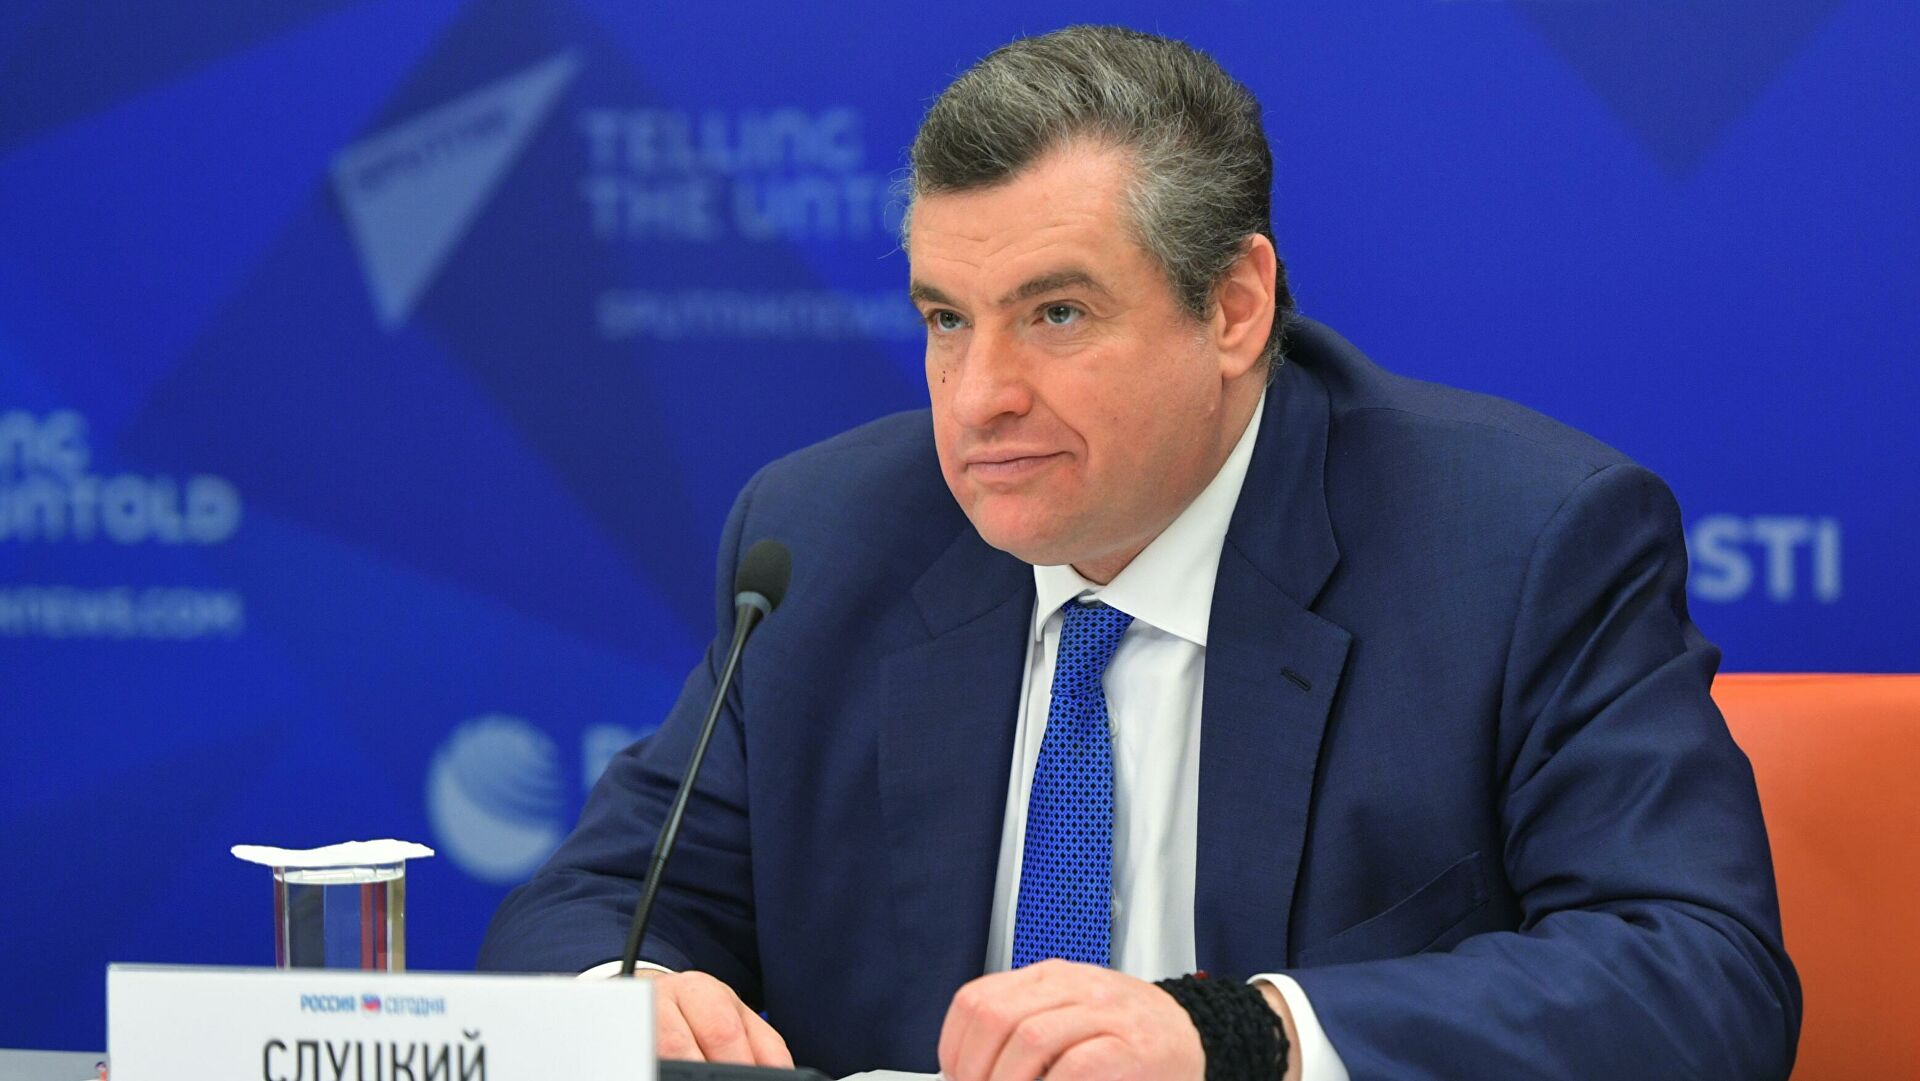 Слуцки: Русија се неће увлачити ни у какве ратове, она ће их завршавати, спречавати и спасавати људе